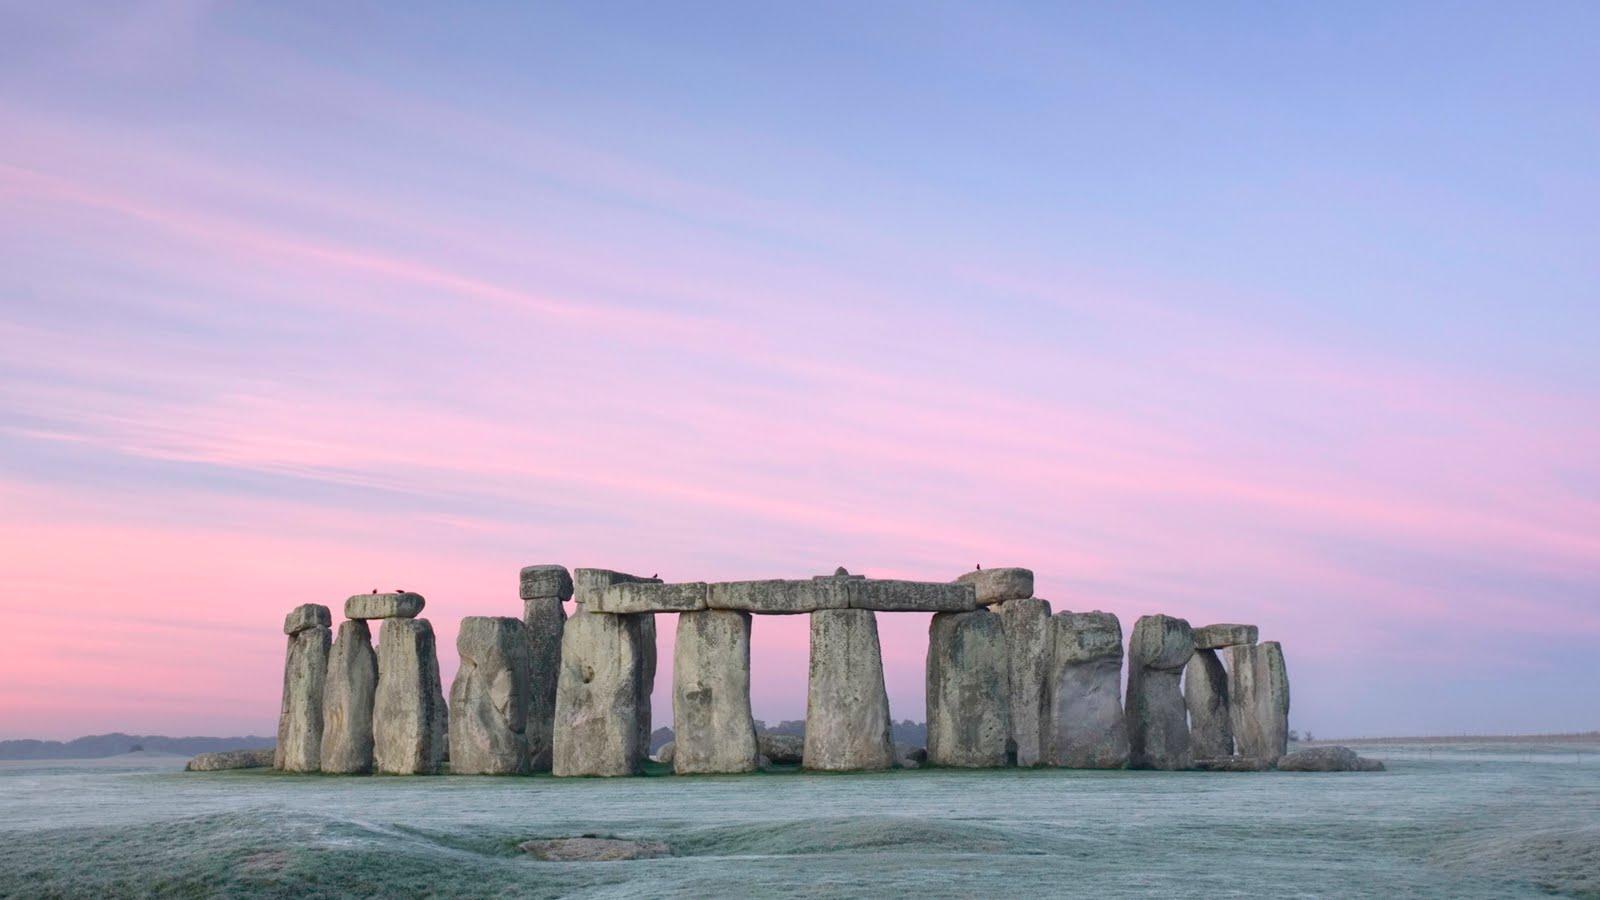 http://1.bp.blogspot.com/_6A8j2EQmANk/TJh-o5xz7OI/AAAAAAAASHs/1NIyrtYPBGU/s1600/Beautiful+Ever+Landscape+Wallpapers+5.jpg